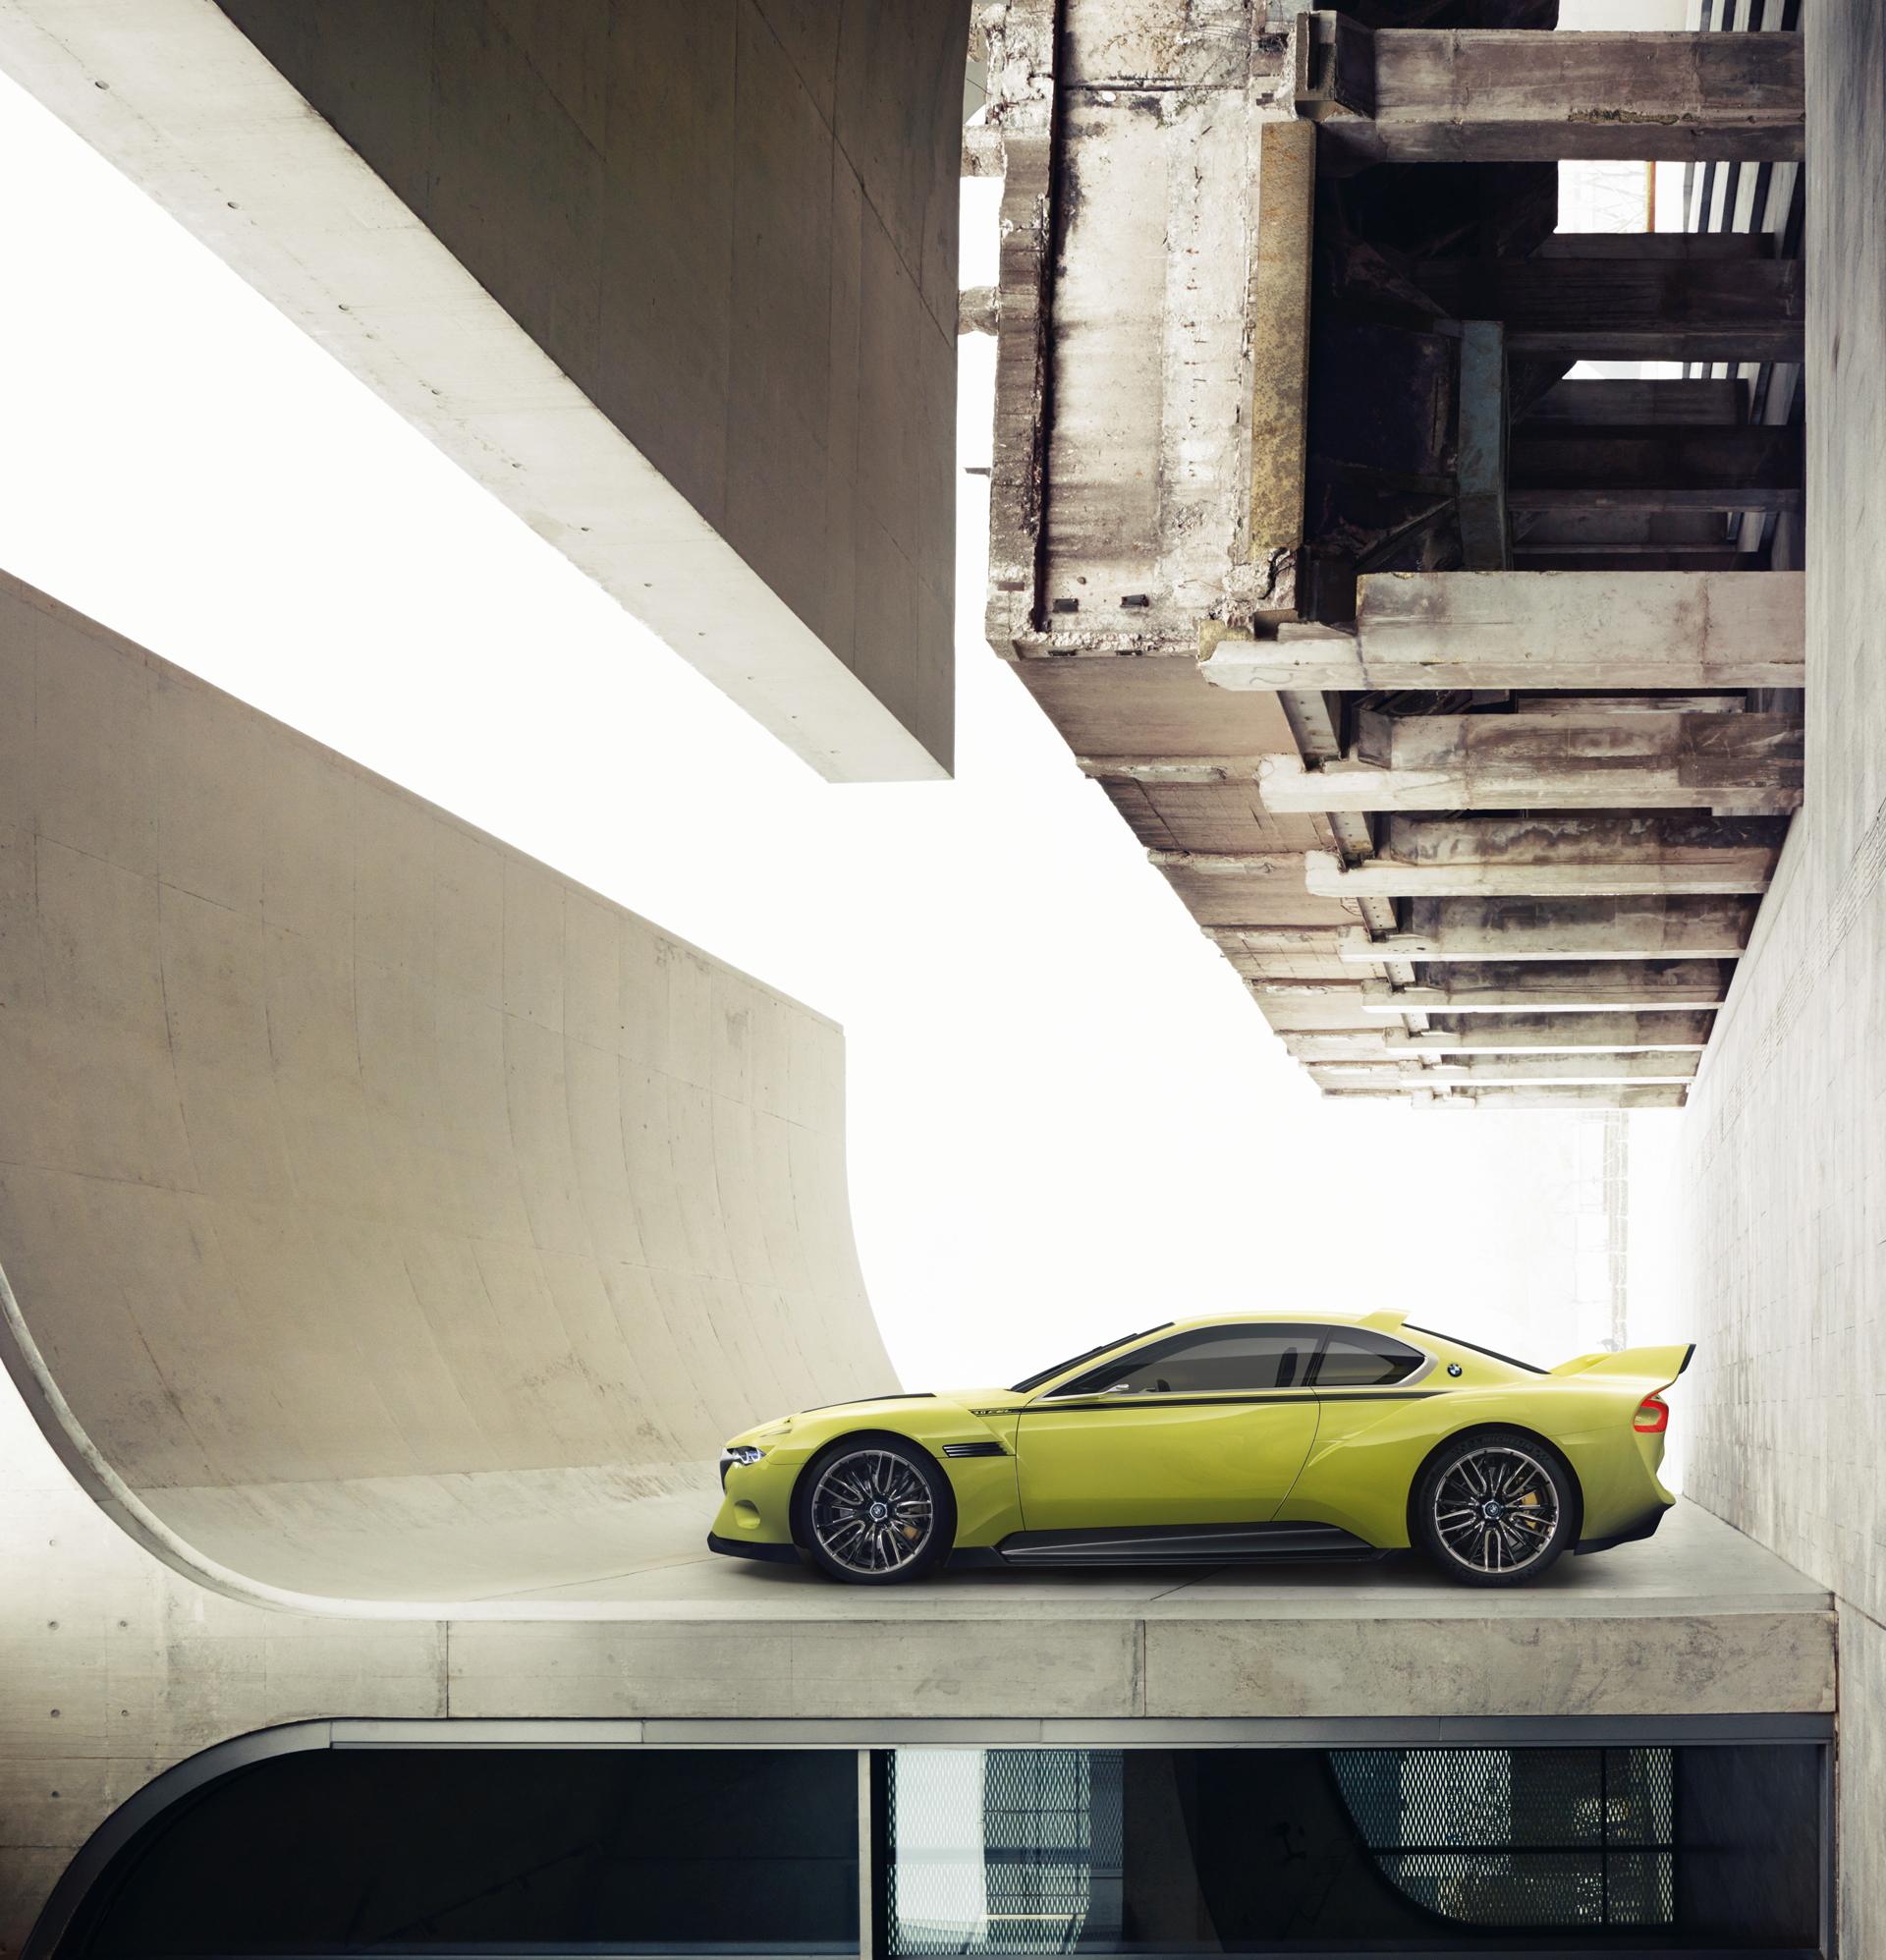 BMW 3.0 CSL Hommage - external side-face / profil extérieur